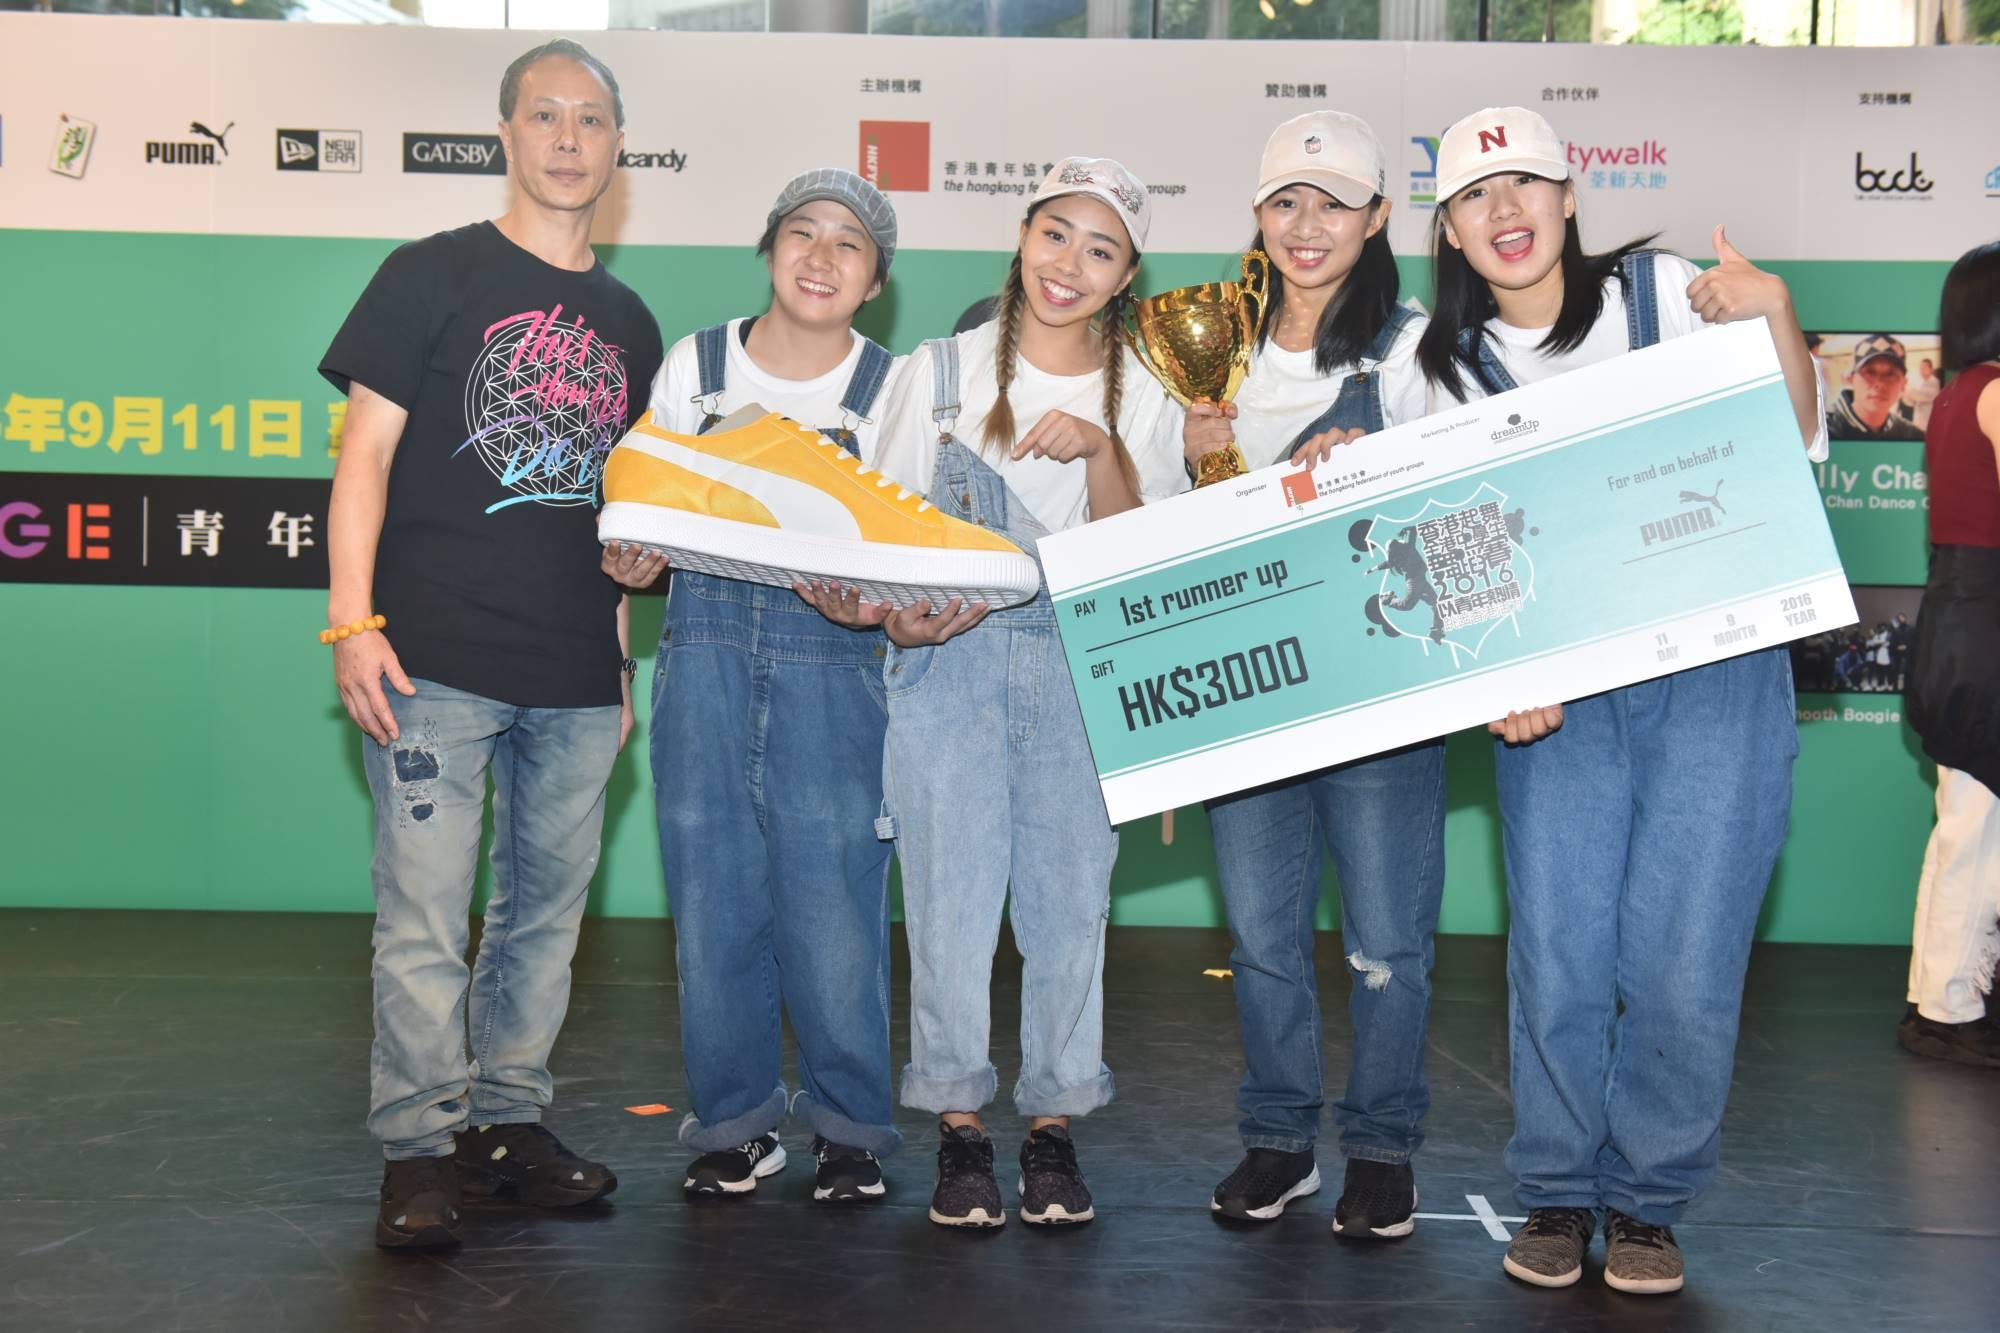 全港中學生舞蹈賽2016 得獎隊伍 (1)